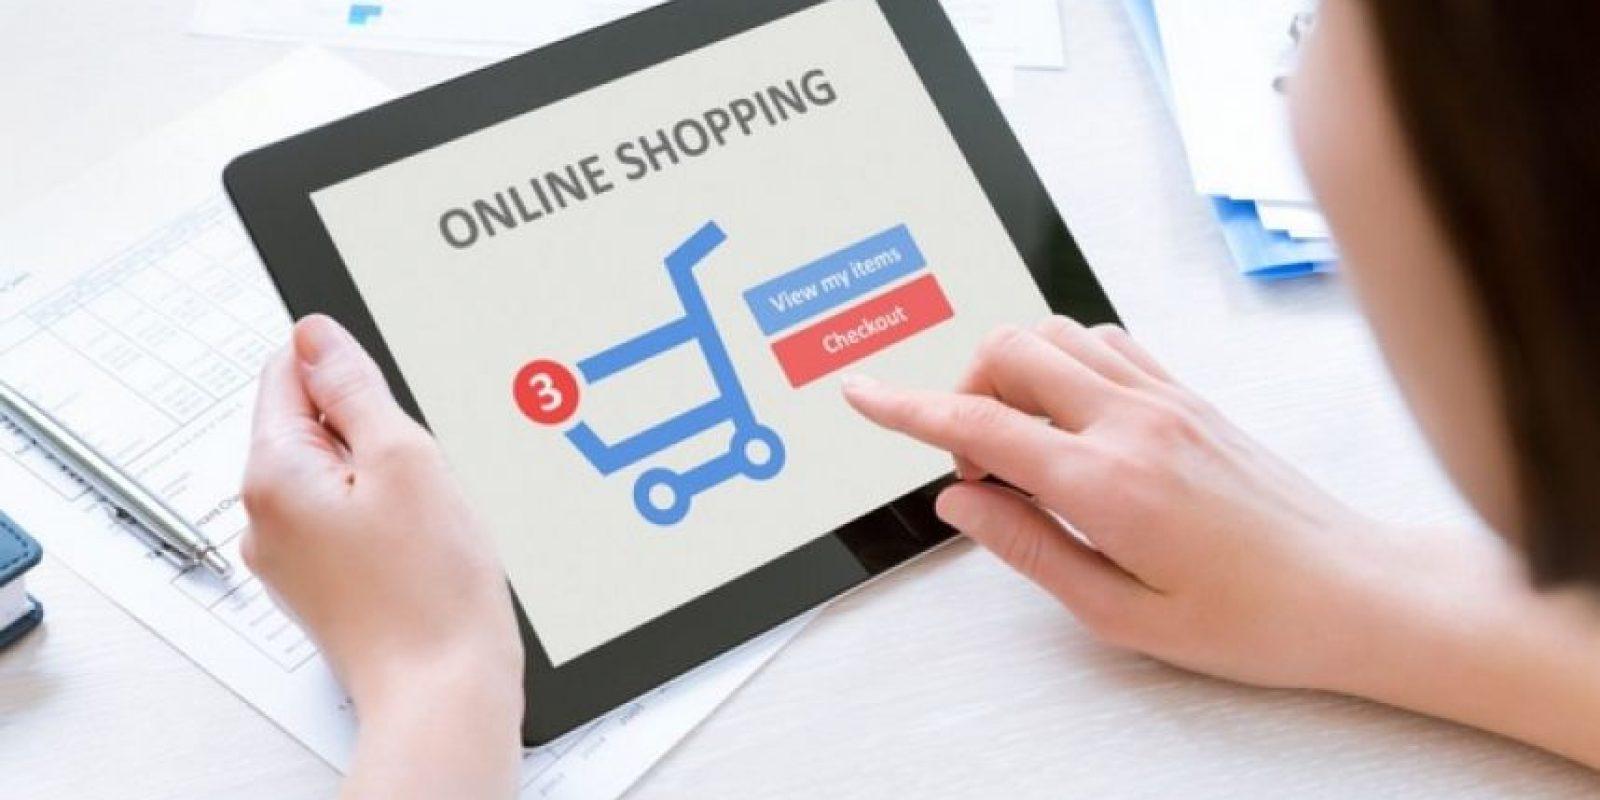 El 11 de noviembre –también Día del Soltero– significa el inicio de una jornada árdua de compras en línea en el mundo. Foto:Pixabay